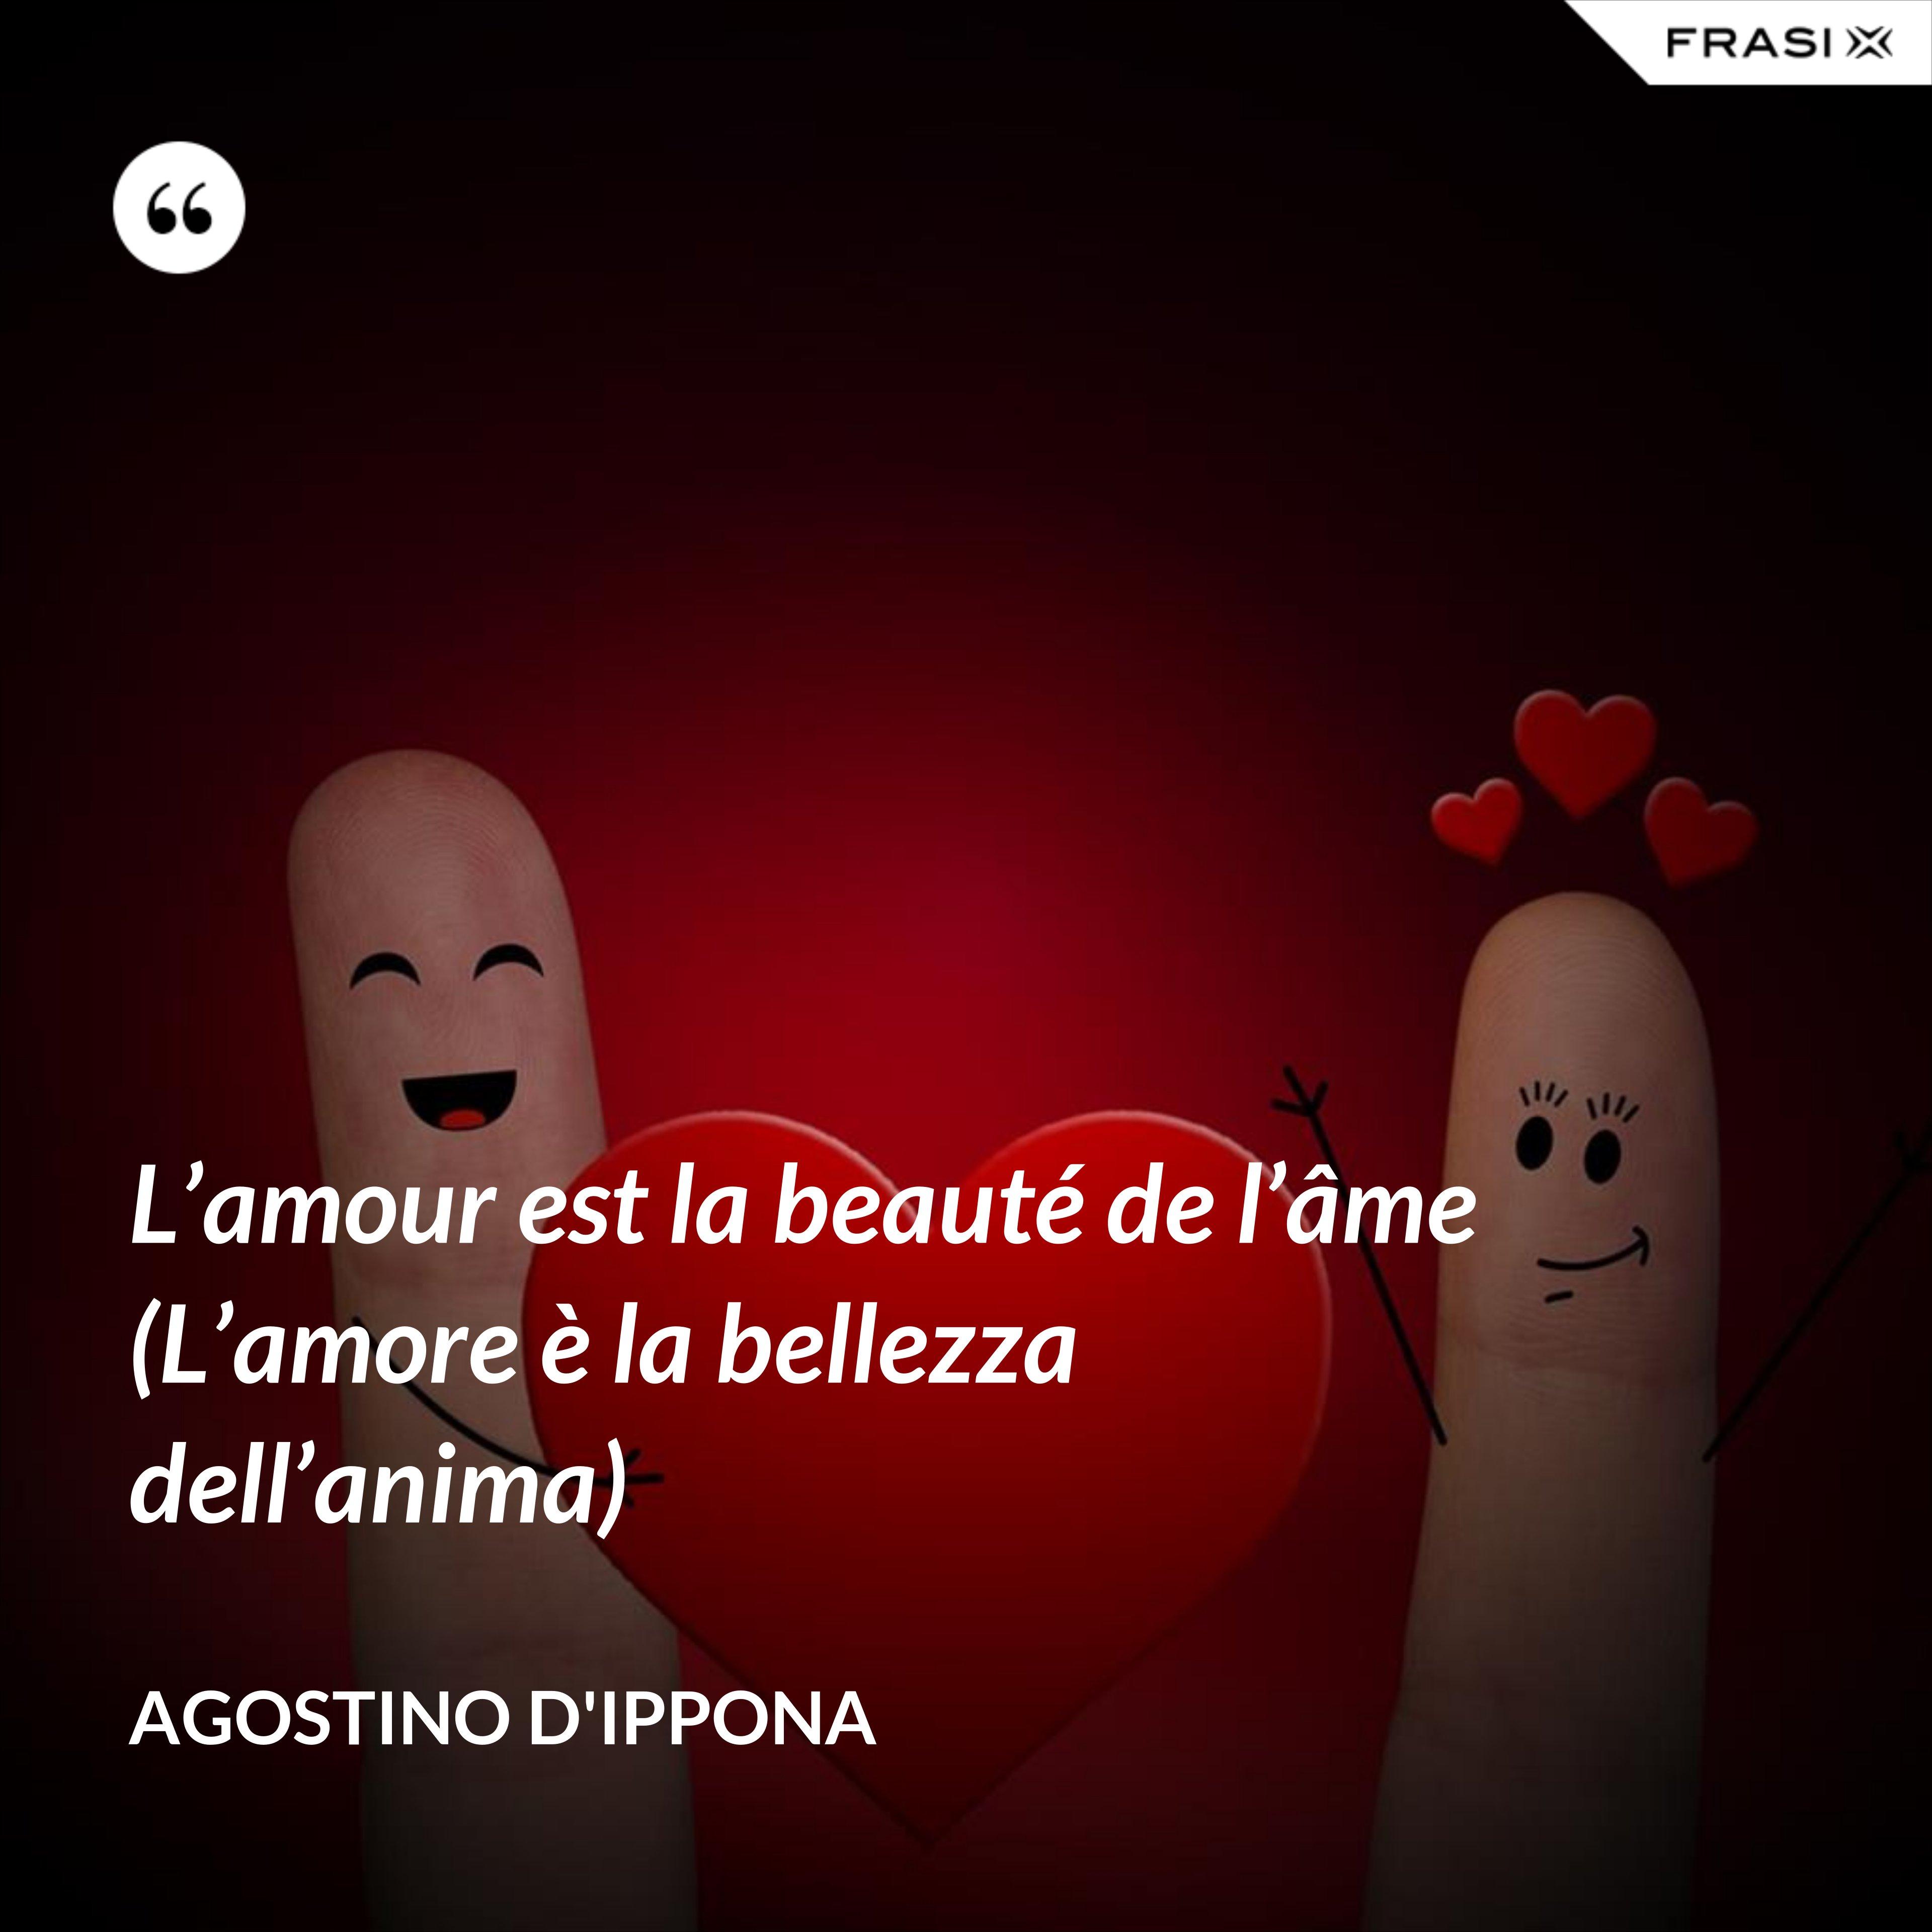 L'amour est la beauté de l'âme (L'amore è la bellezza dell'anima) - Agostino d'Ippona